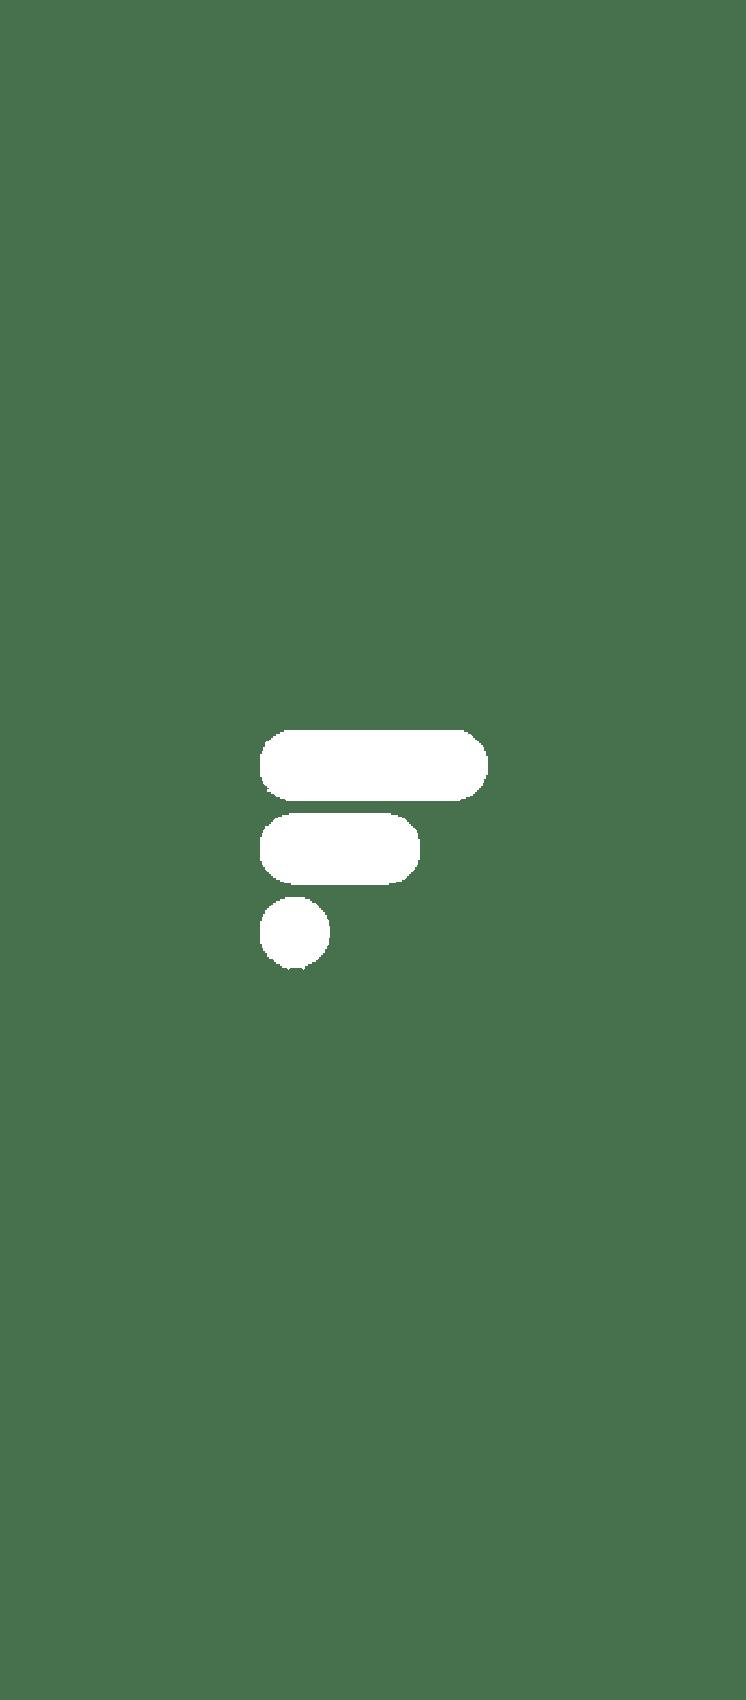 Il faut lancer l'app NXTVision pour influer sur les paramètres d'affichage